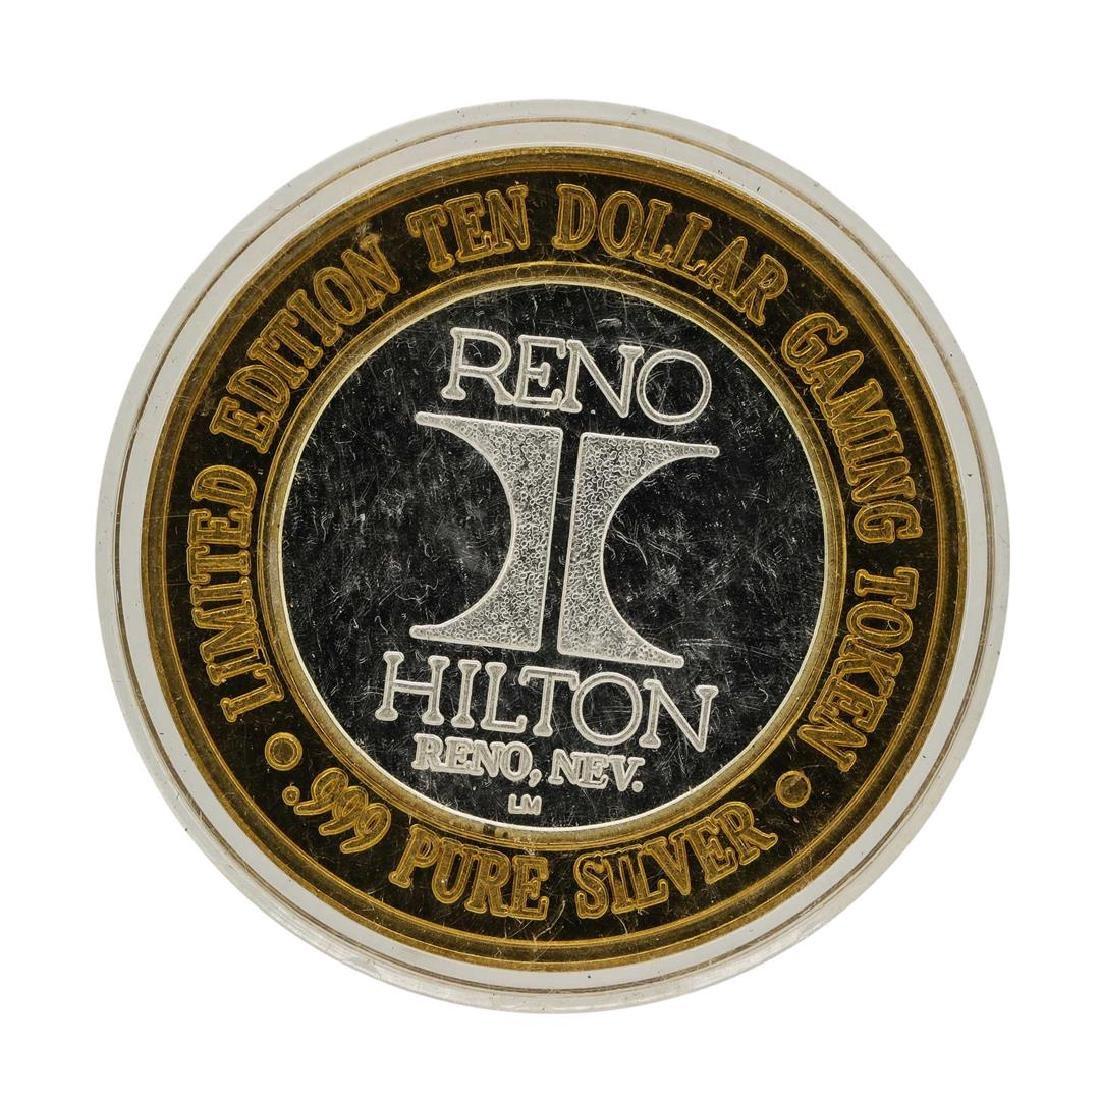 .999 Silver Hilton Reno, Nevada $10 Casino Limited - 2